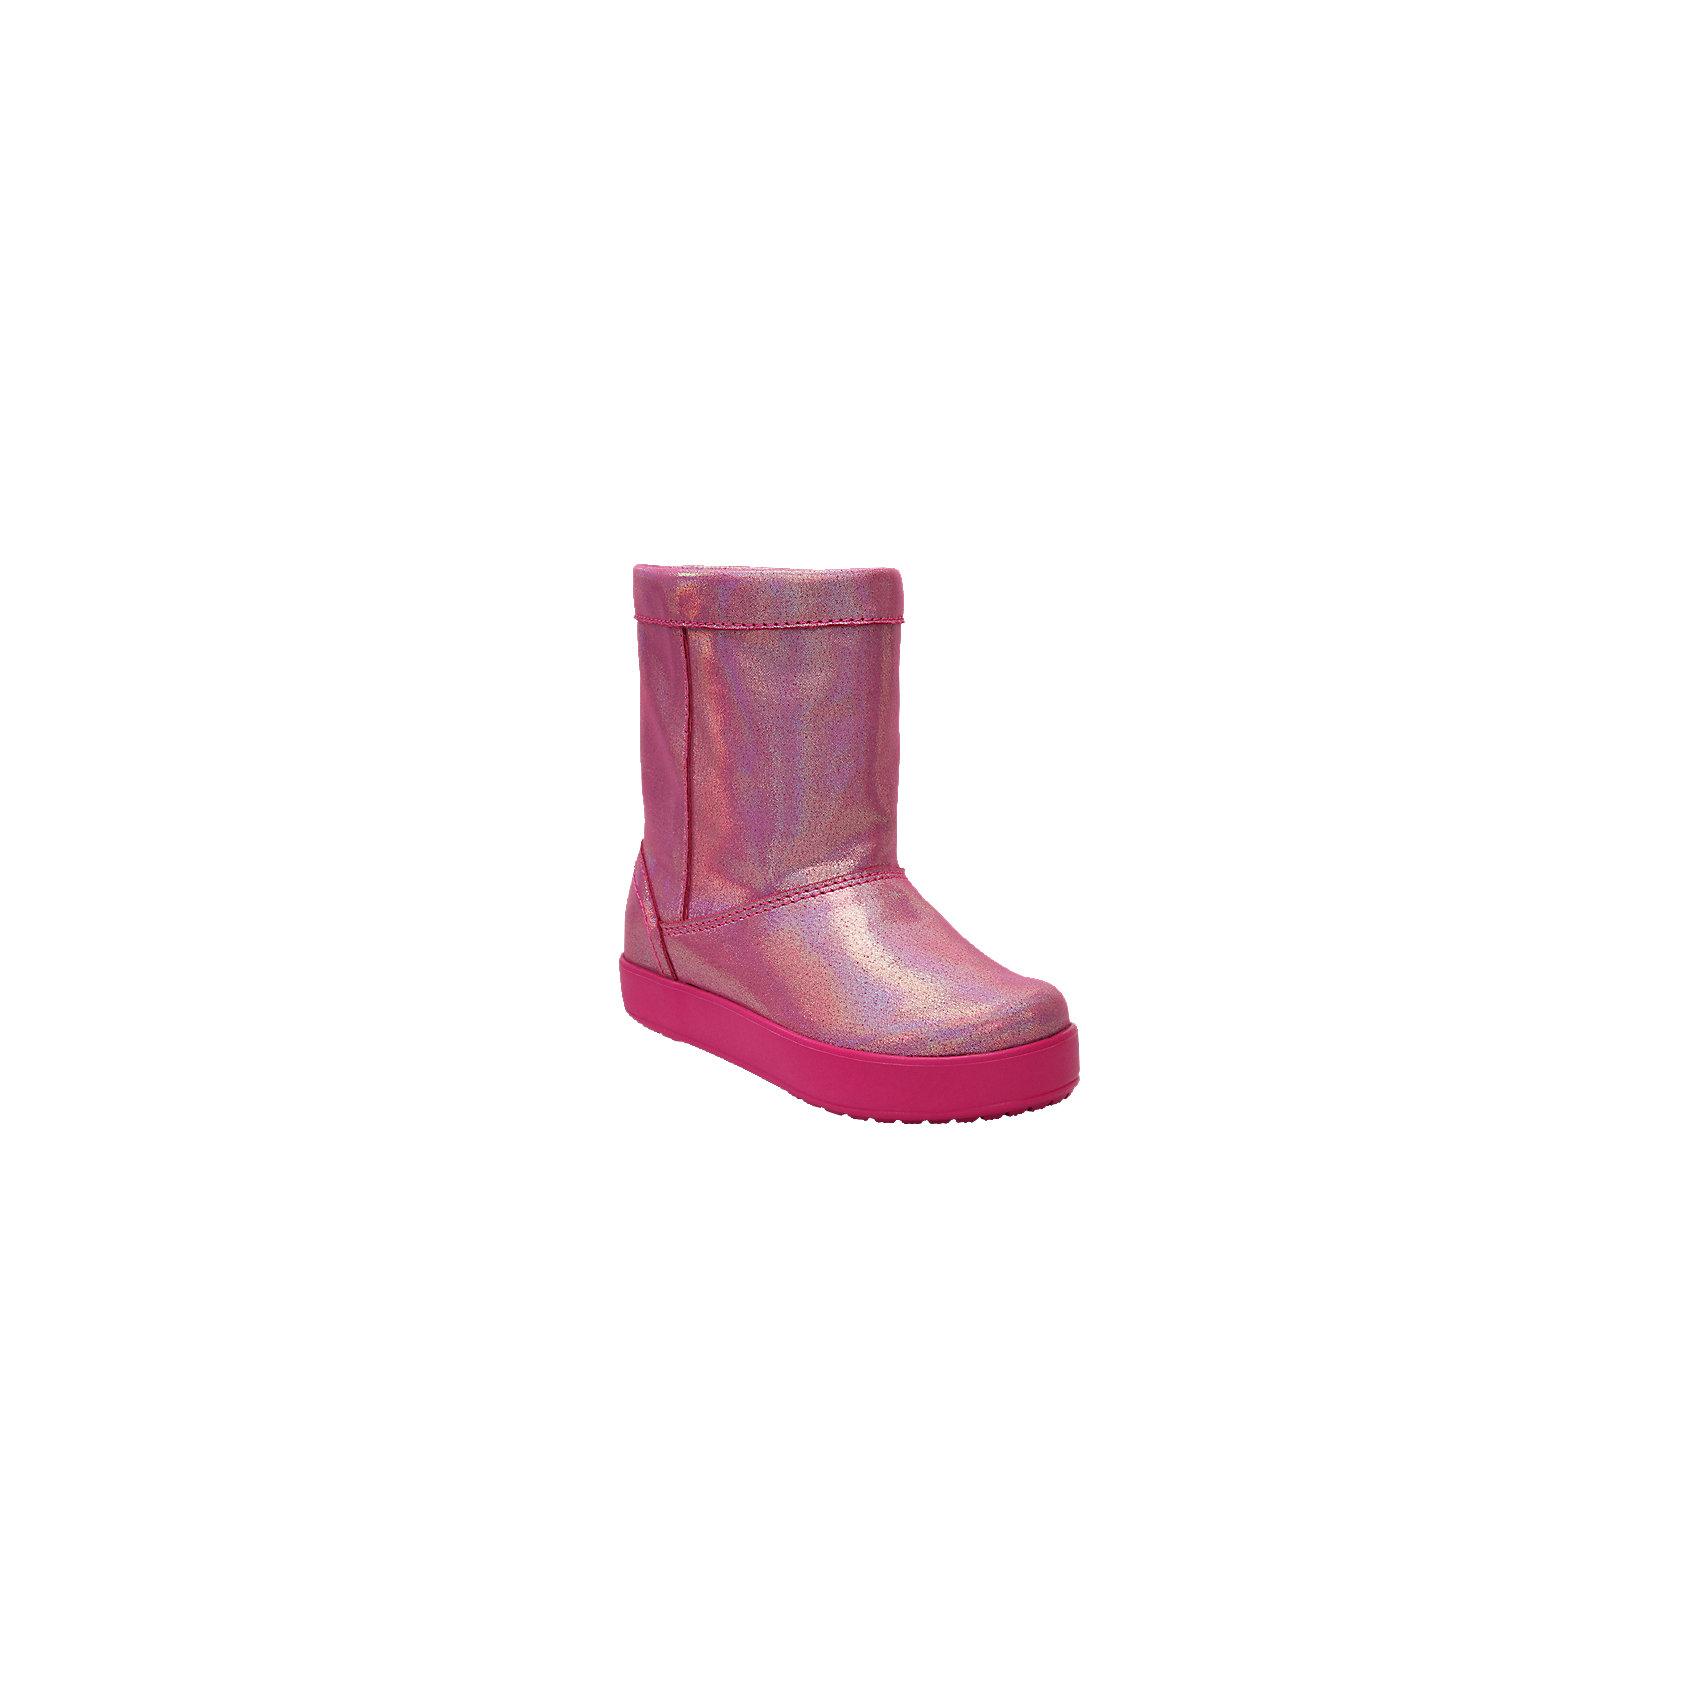 Сапоги LodgePoint Novelty Boot K для девочкиСапоги<br>Характеристики товара:<br><br>• цвет: розовый<br>• внешний материал: текстиль<br>• внутренний материал: текстиль<br>• стелька: текстиль<br>• подошва: ТЭП <br>• сезон: демисезон<br>• температурный режим: от -15 до 0<br>• застежка: нет<br>• подошва не скользит <br>• анатомические <br>• страна бренда: США<br>• страна производства: Китай<br><br>Такие детские сапоги Крокс отлично подходят для ношения в морозную погоду. Модные детские сапоги Crocs сделаны из высокотехнологичного материала. Благодаря толстой подошве такие сапоги для ребенка хорошо согревают ноги. Обувь Крокс популярна во всем мире благодаря высокому качеству и удобству. <br><br>Сапоги LodgePoint Novelty Boot K Crocs (Крокс) для девочки можно купить в нашем интернет-магазине.<br><br>Ширина мм: 257<br>Глубина мм: 180<br>Высота мм: 130<br>Вес г: 420<br>Цвет: розовый<br>Возраст от месяцев: 48<br>Возраст до месяцев: 60<br>Пол: Женский<br>Возраст: Детский<br>Размер: 28,29,30,31/32,33/34,34/35,23,24,25,26,27<br>SKU: 7063551